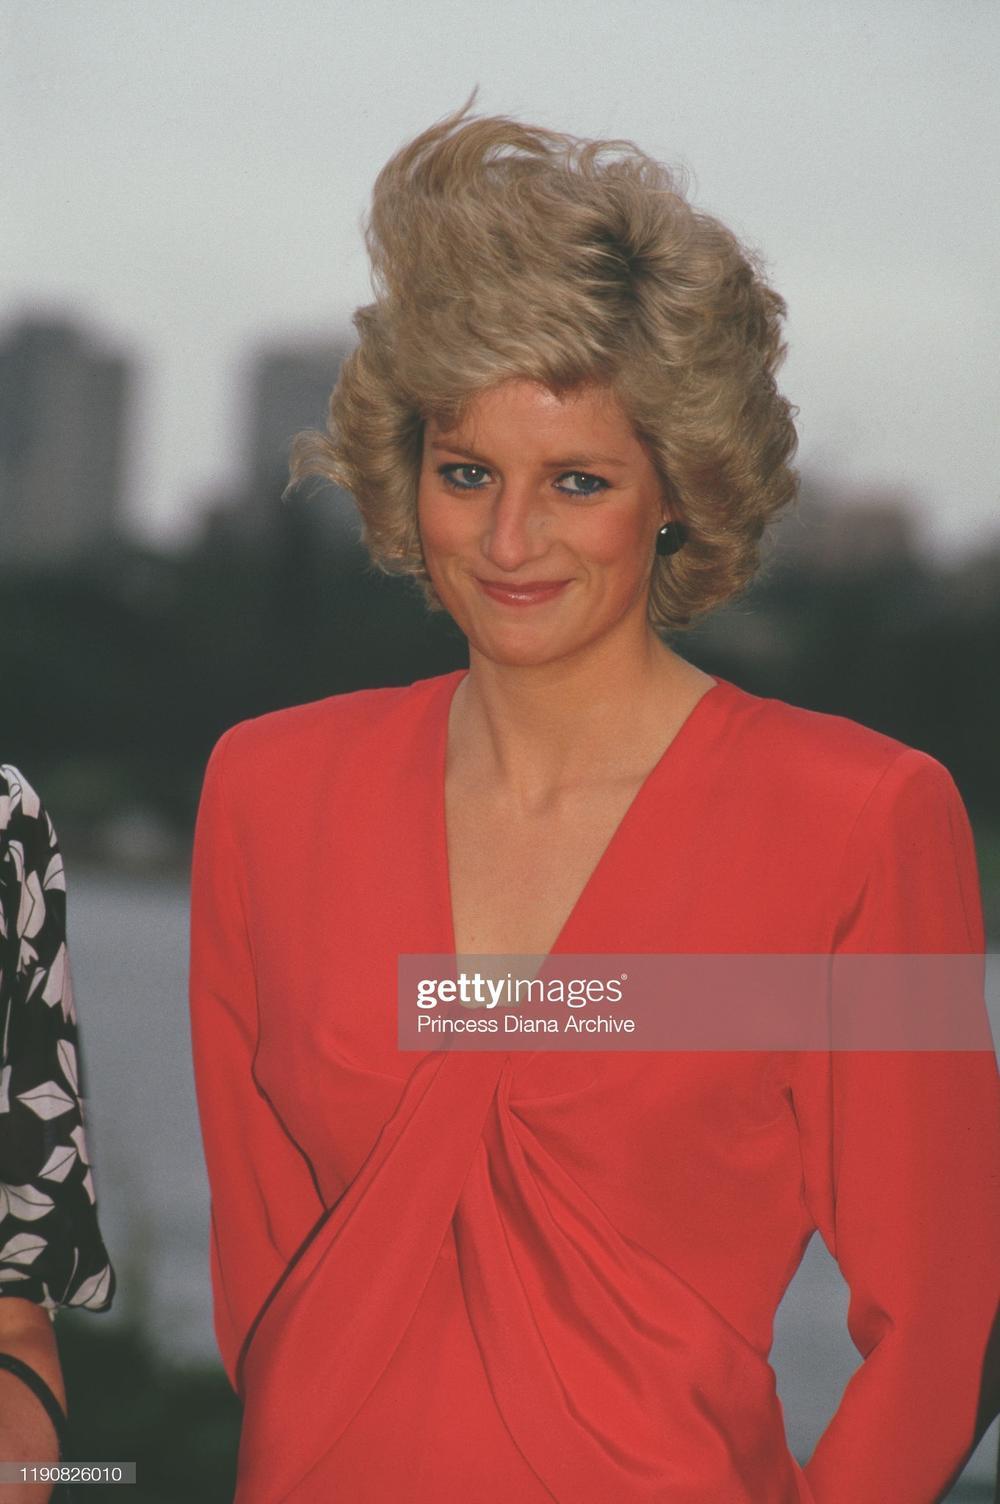 10 trang phục cho thấy Công nương Diana là fashionista đi trước thời đại Ảnh 8